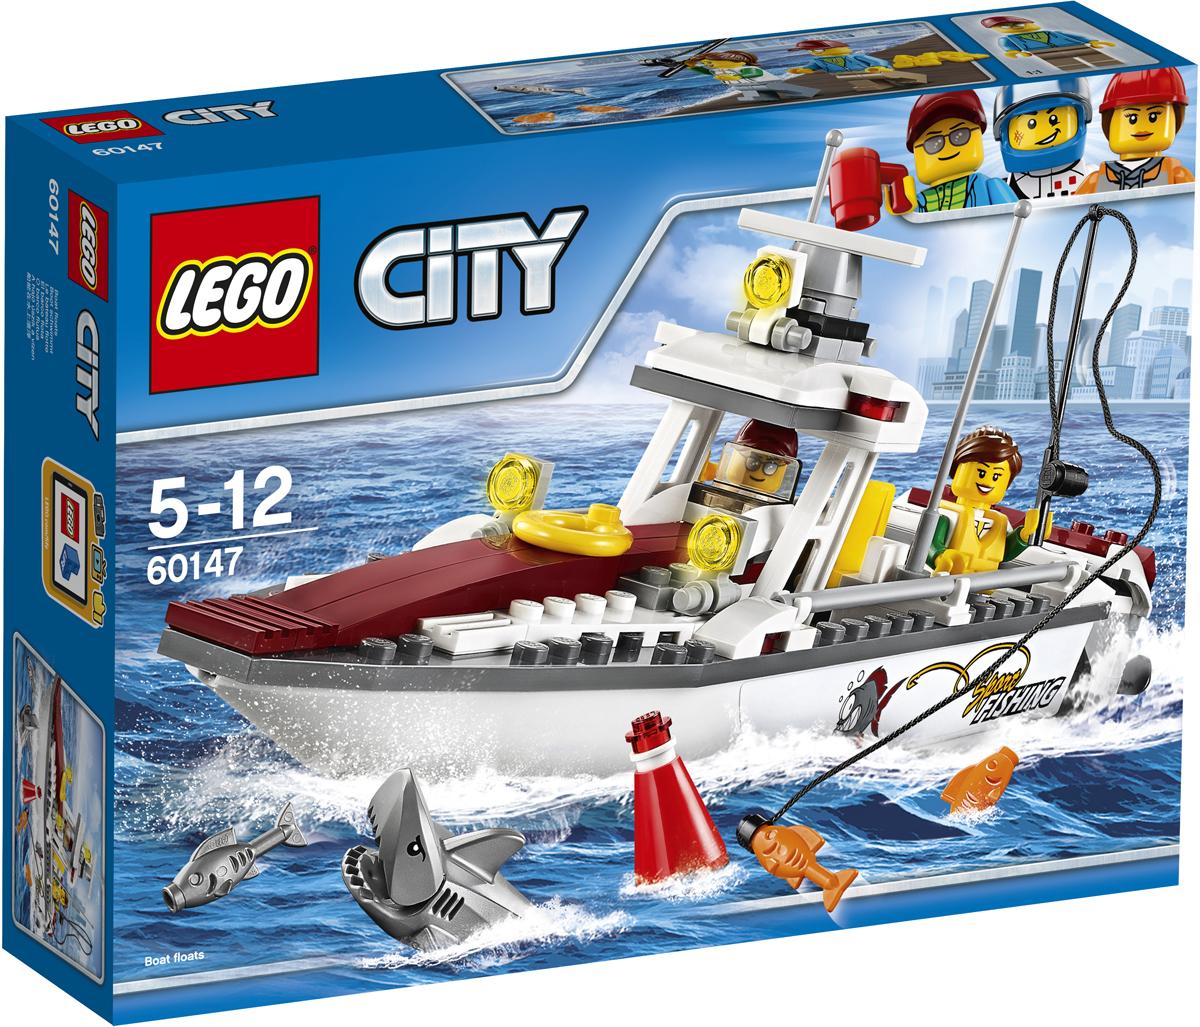 LEGO City Конструктор Рыболовный катер 6014760147Берите свой спасательный жилет и удочку и вперед - в бухту! Прыгайте в рыболовный катер, устанавливайте подвесные моторы и отправляйтесь туда, где поглубже. Закидывайте удочку и немного подождите. Поглядите-ка, это акула? Пусть она утащит вашу добычу, в море много другой рыбы! Набор включает в себя 144 разноцветных пластиковых элемента. Конструктор - это один из самых увлекательных и веселых способов времяпрепровождения. Ребенок сможет часами играть с конструктором, придумывая различные ситуации и истории.